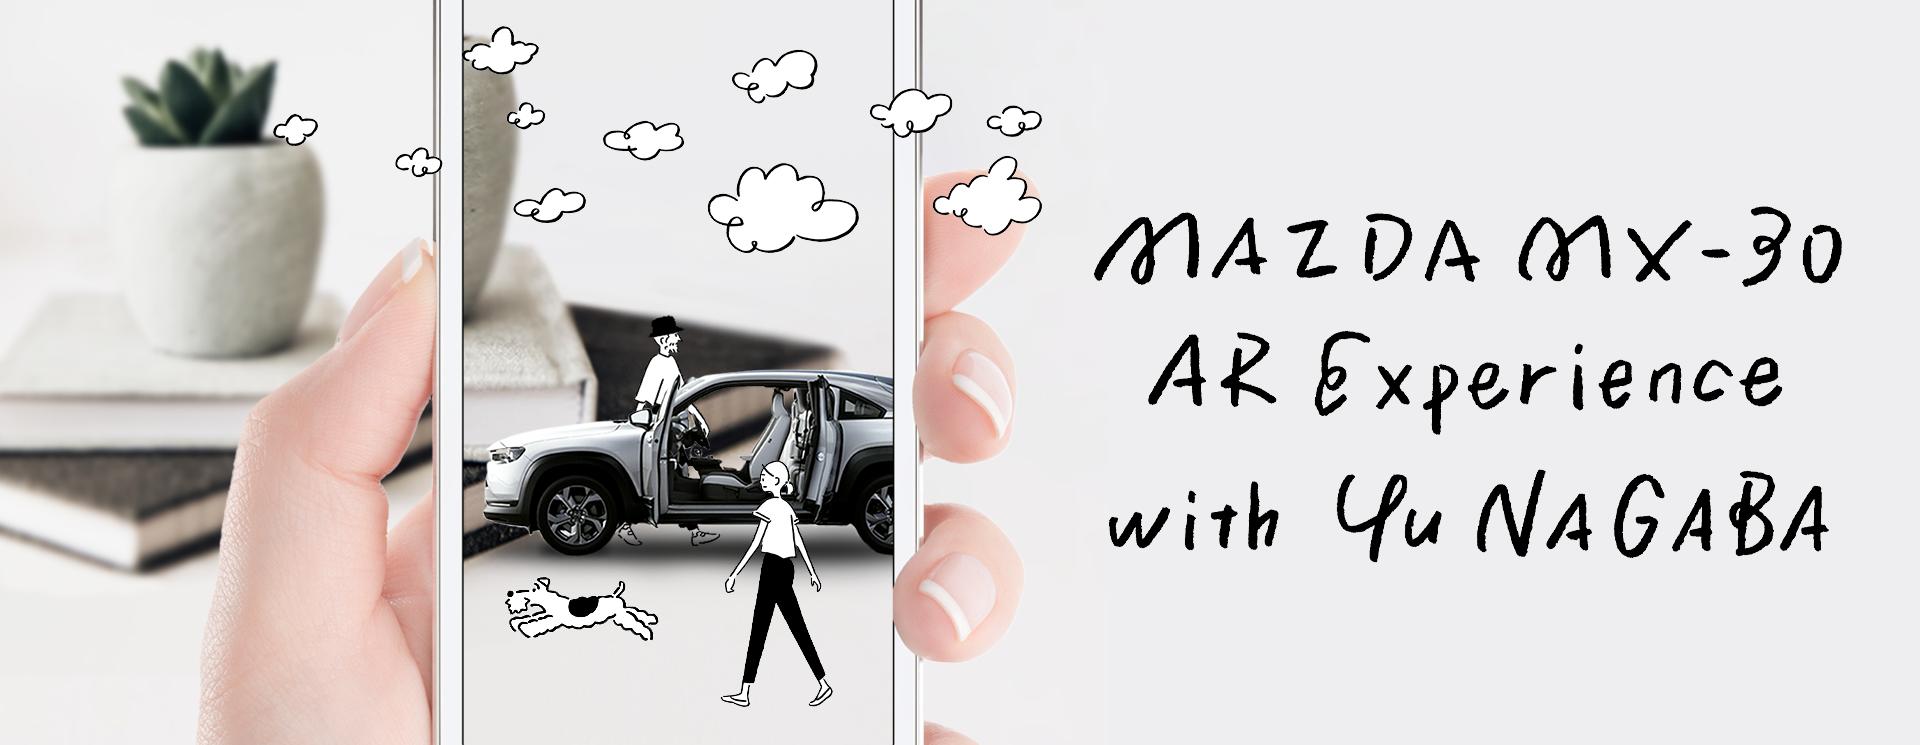 ARでマツダから発売された「SUV MX-30」を楽しもう!クリエーターとコラボしたARスペシャルコンテンツ公開